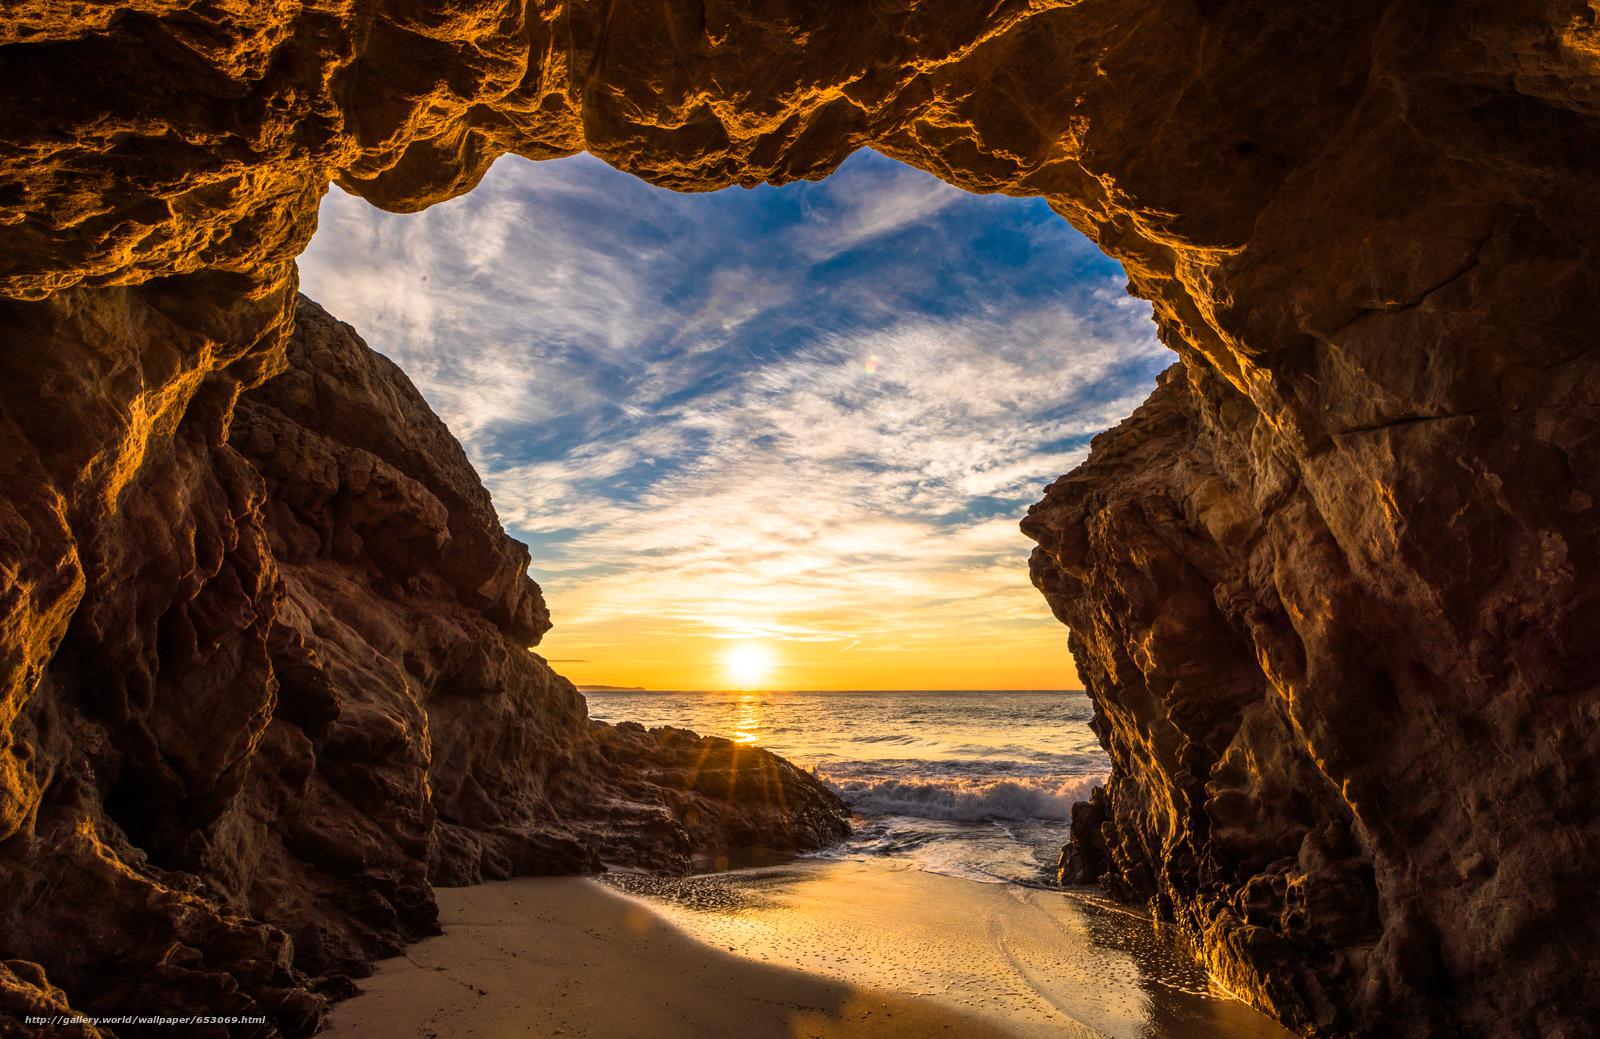 Скачать обои Malibu,  закат,  море,  волны бесплатно для рабочего стола в разрешении 7138x4634 — картинка №653069